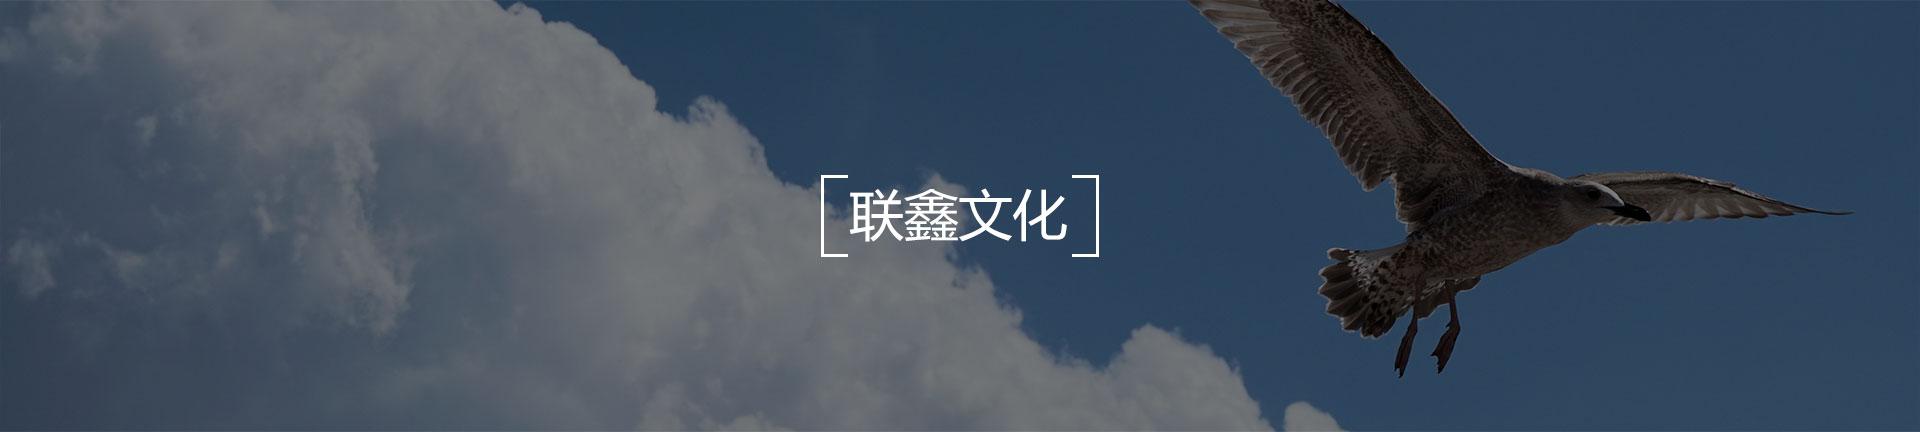 鲨鱼直播官网体育直播006火箭文化